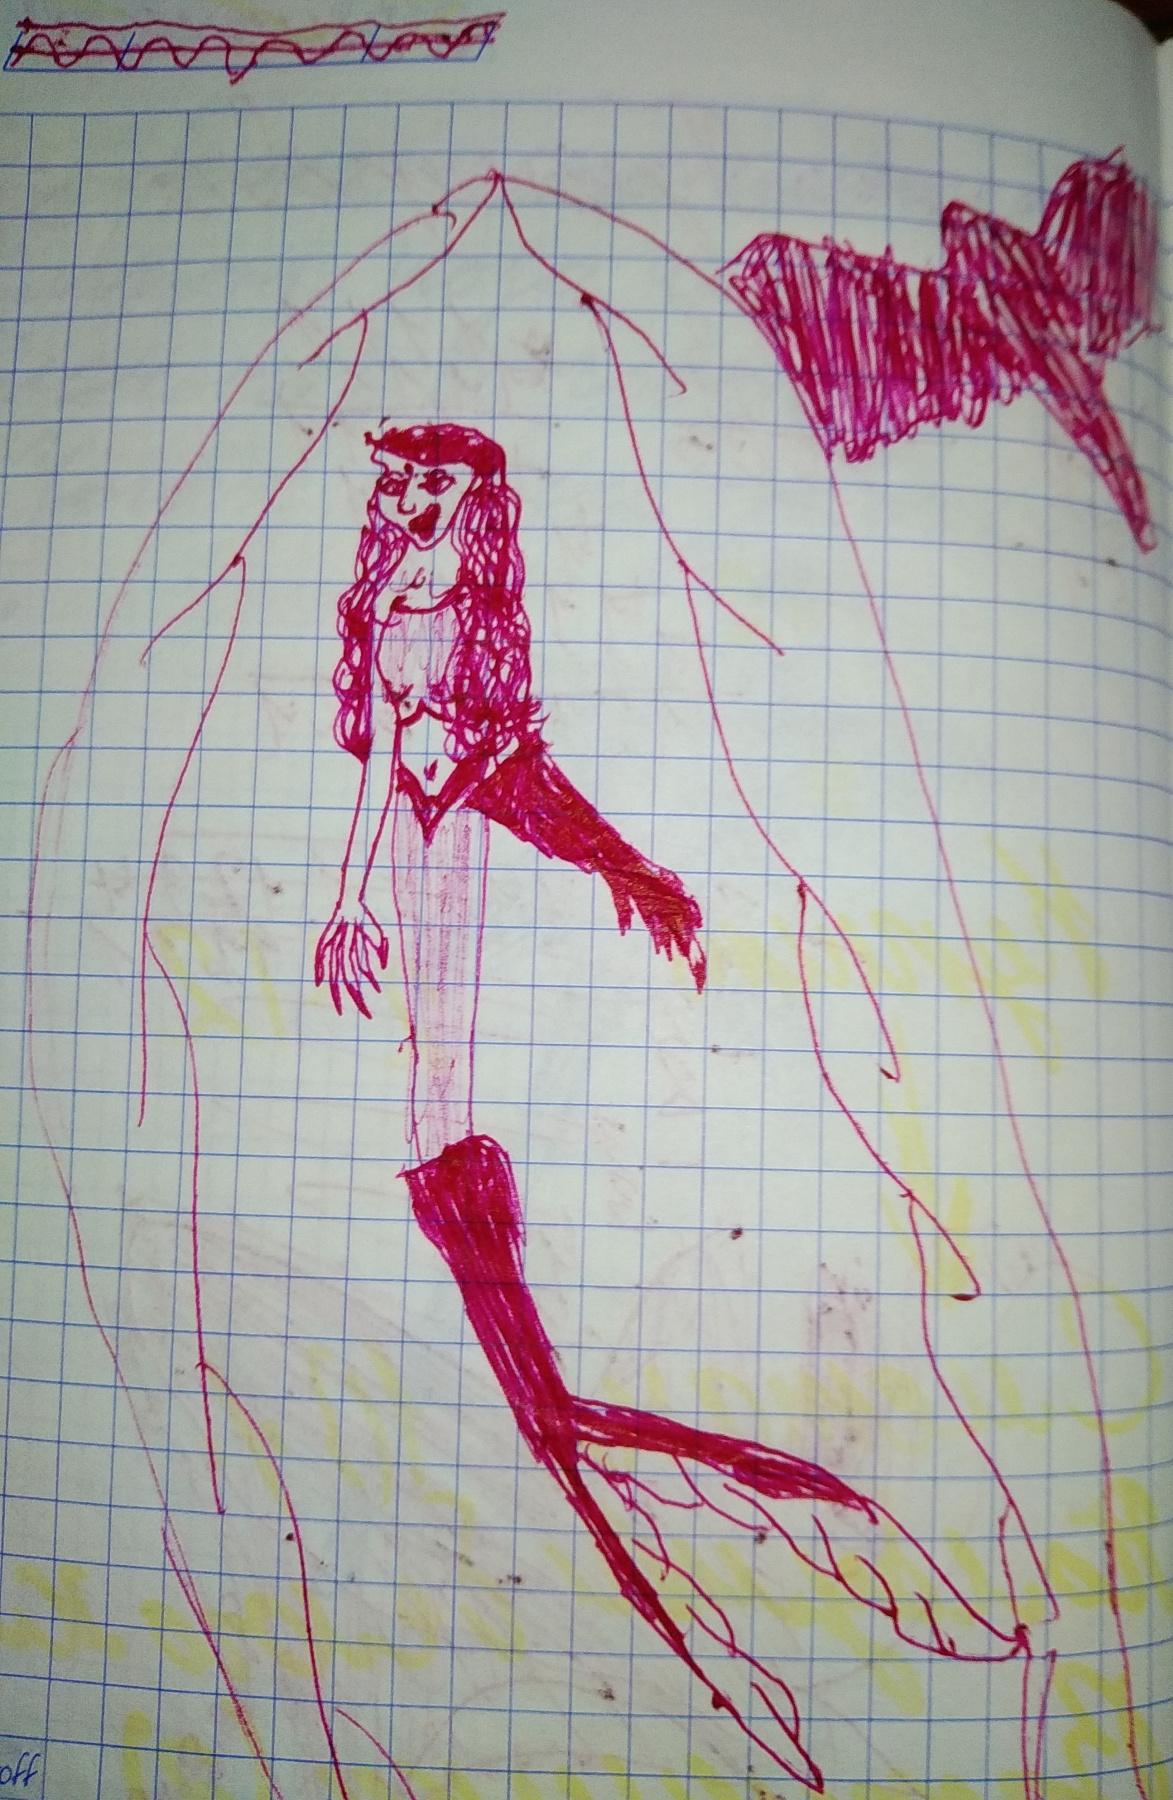 Zina Vladimirovna Parisva. Mermaid with mechanical tail